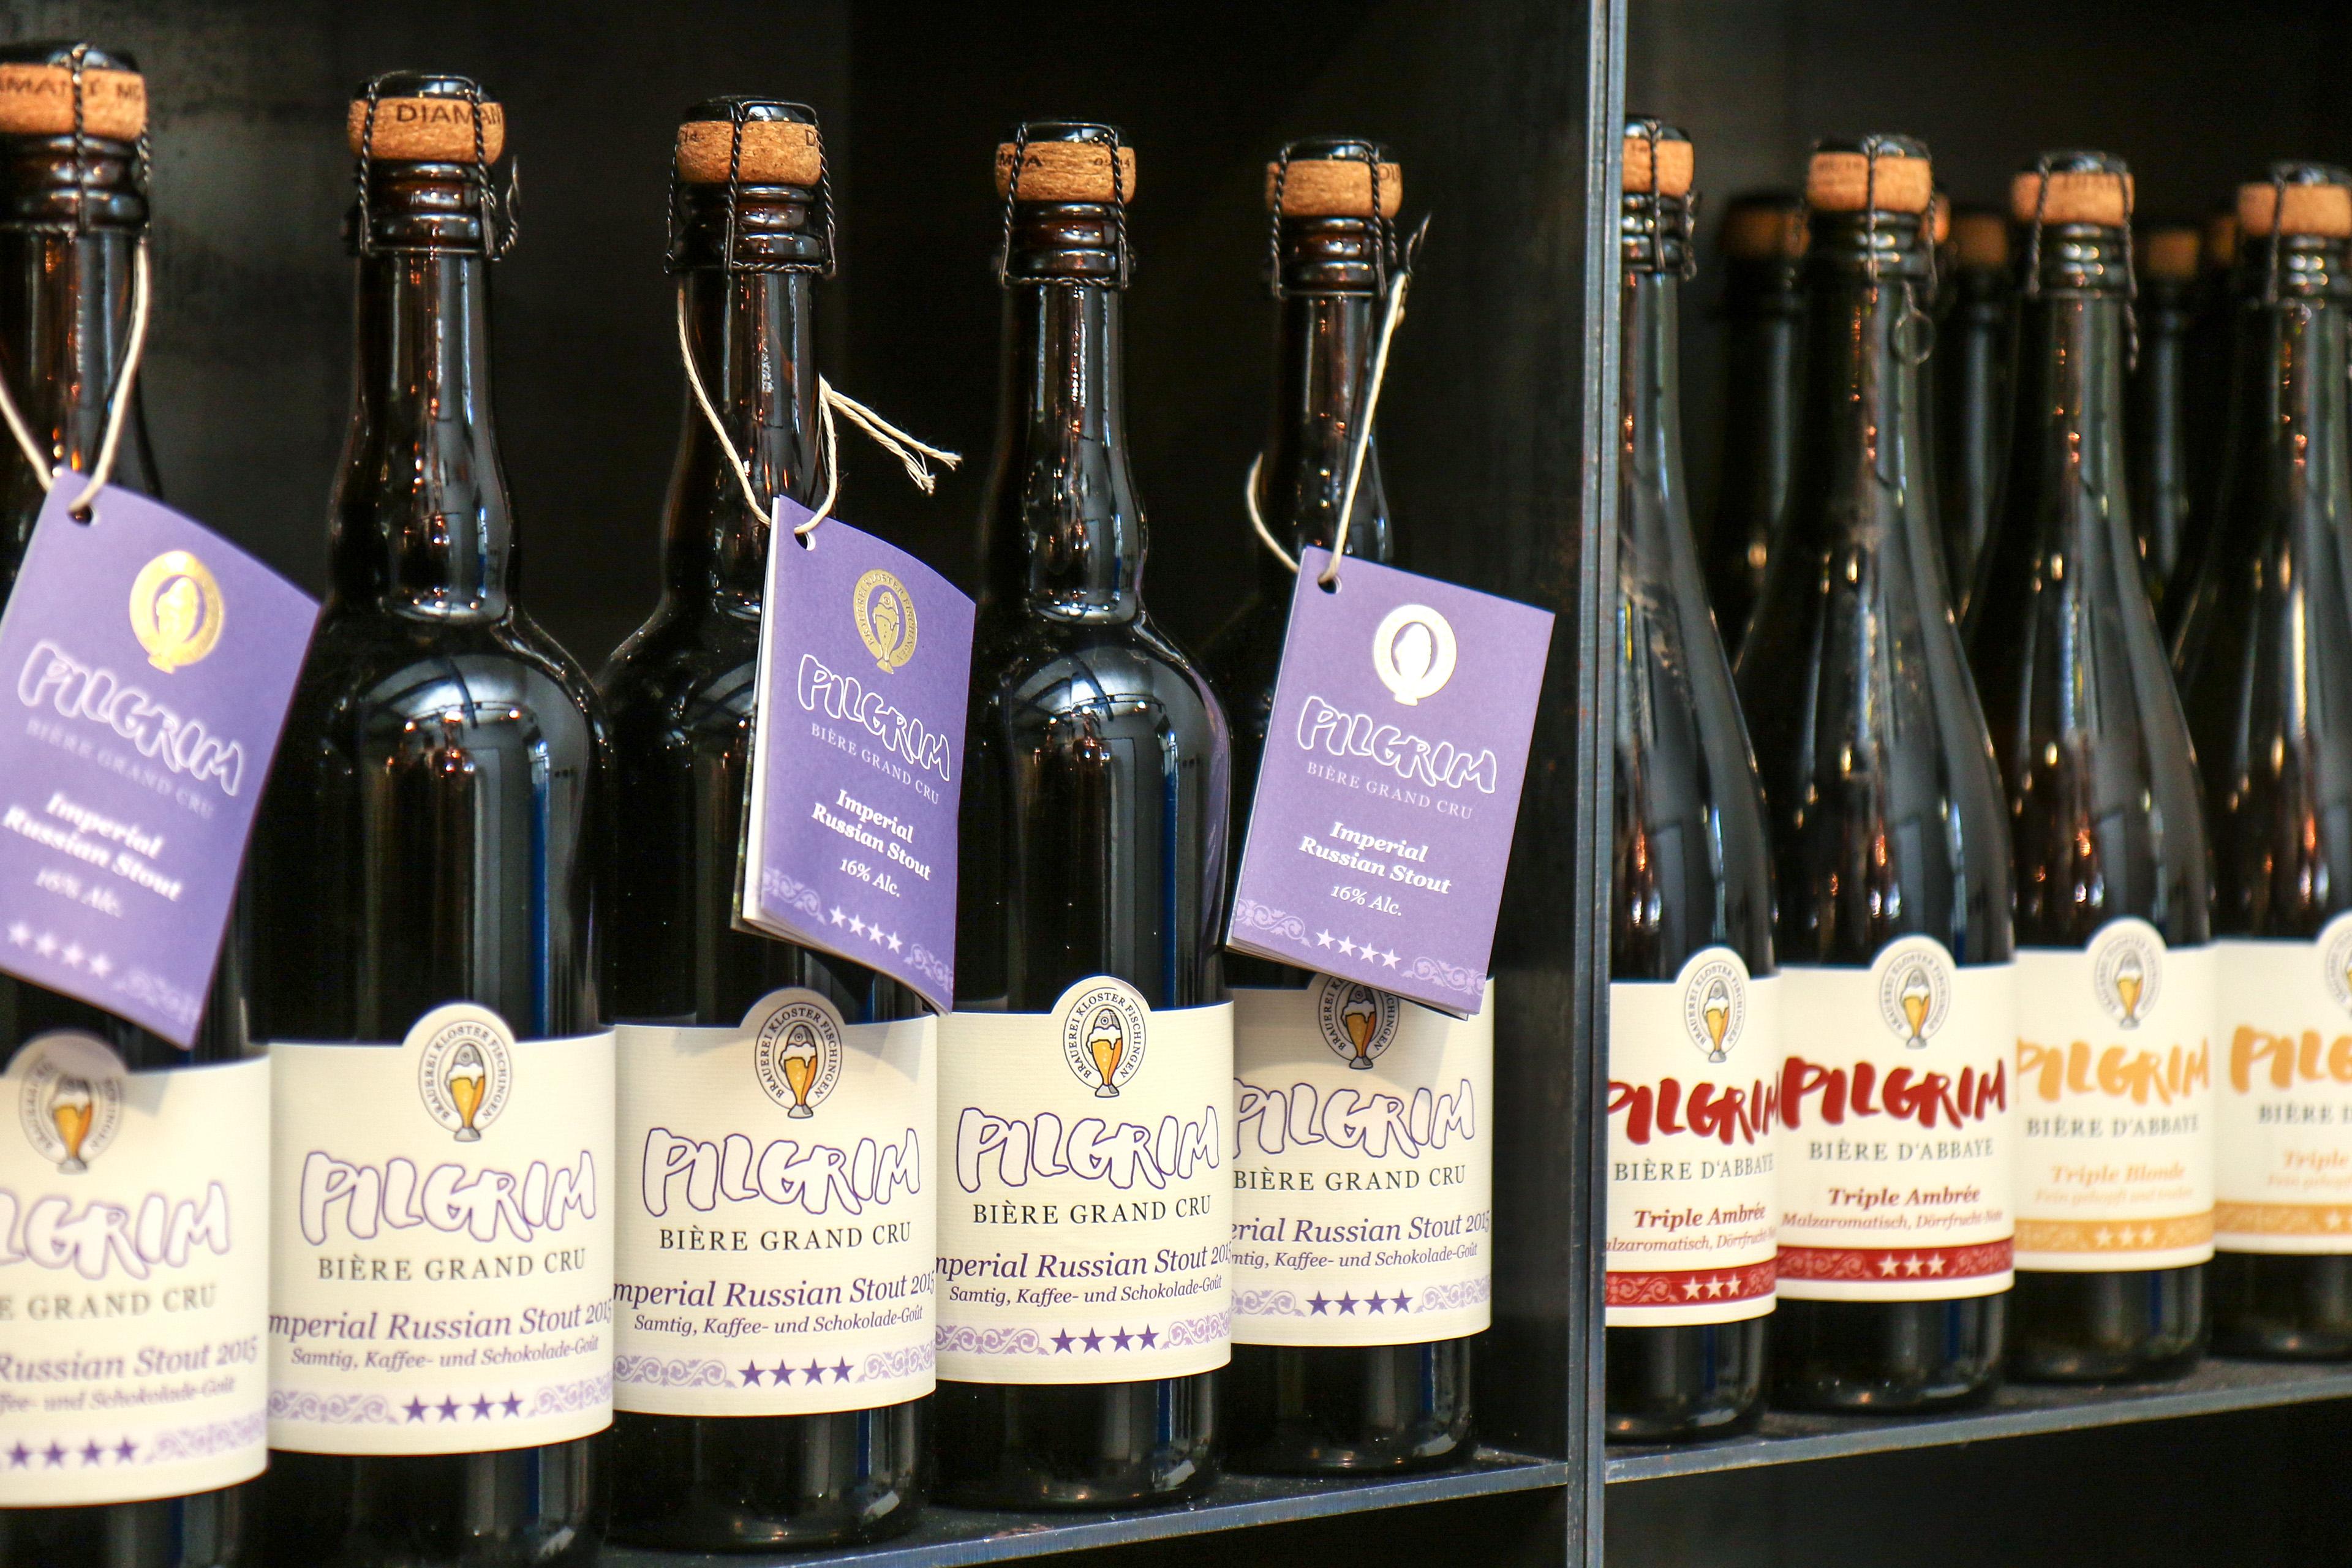 PILGRIM Bière Grand Cru Imperial Russian Stout 16%